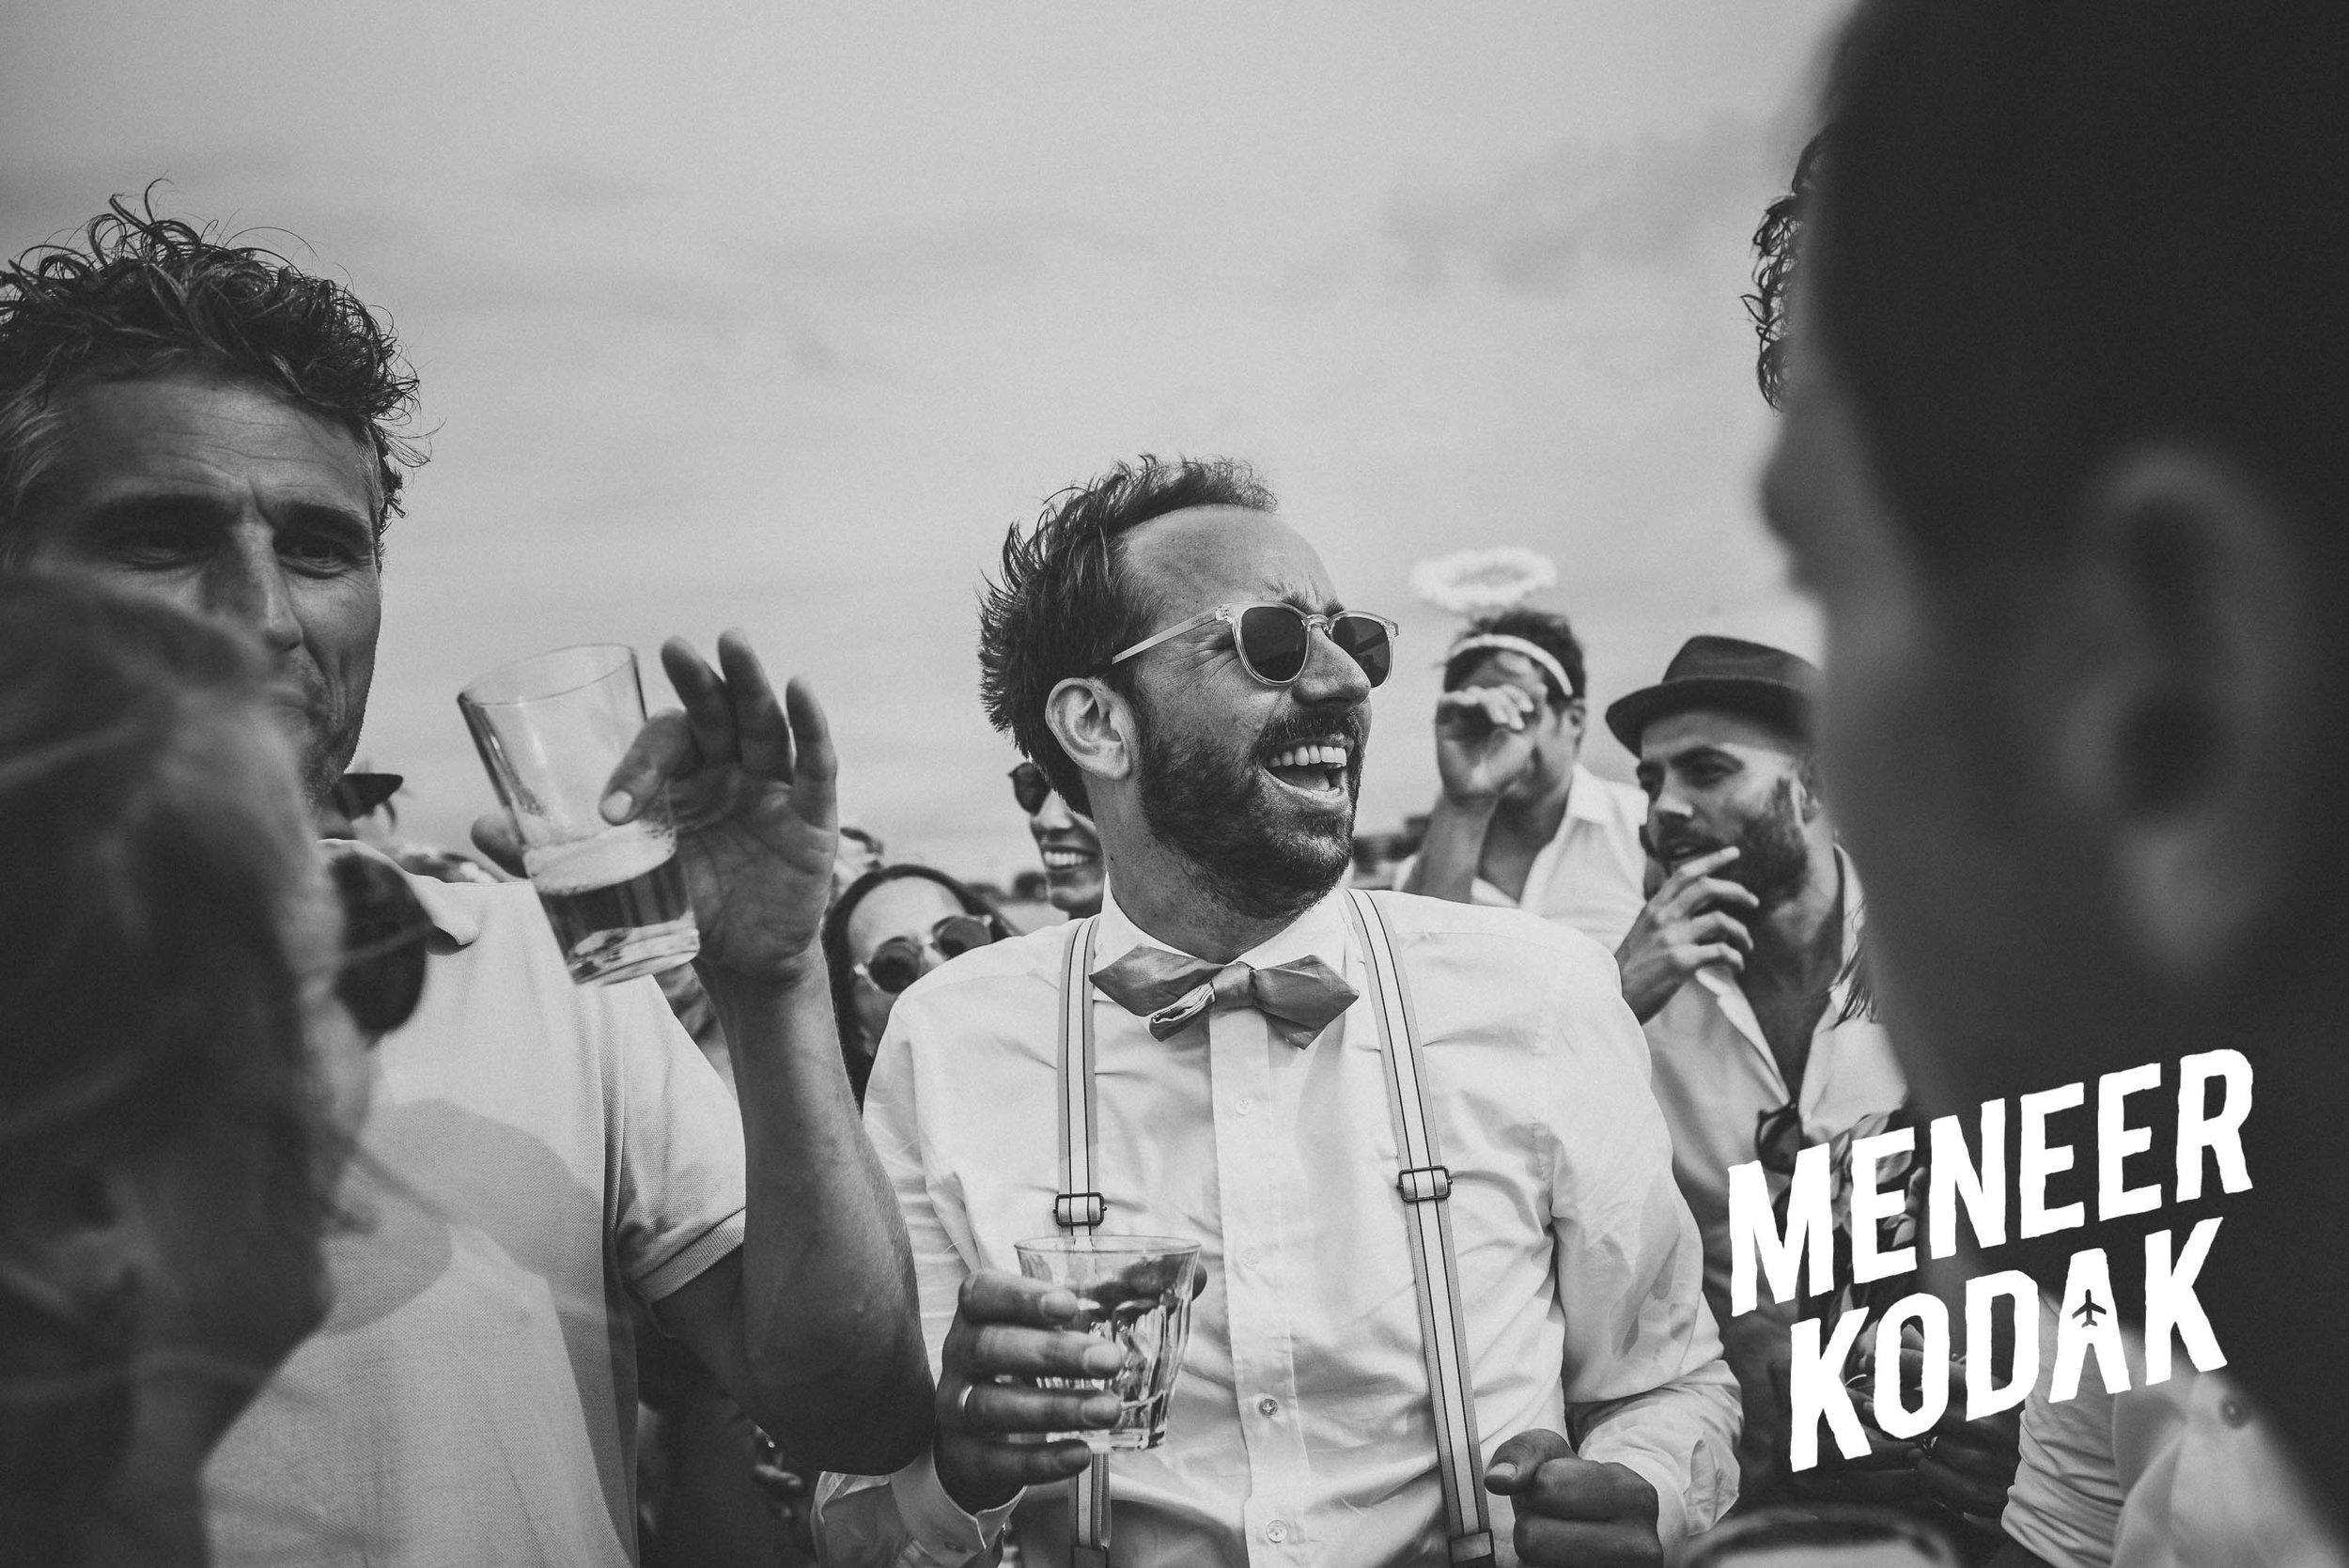 Meneer Kodak - Trouwfotograaf - Amsterdam - H&T-087.jpg